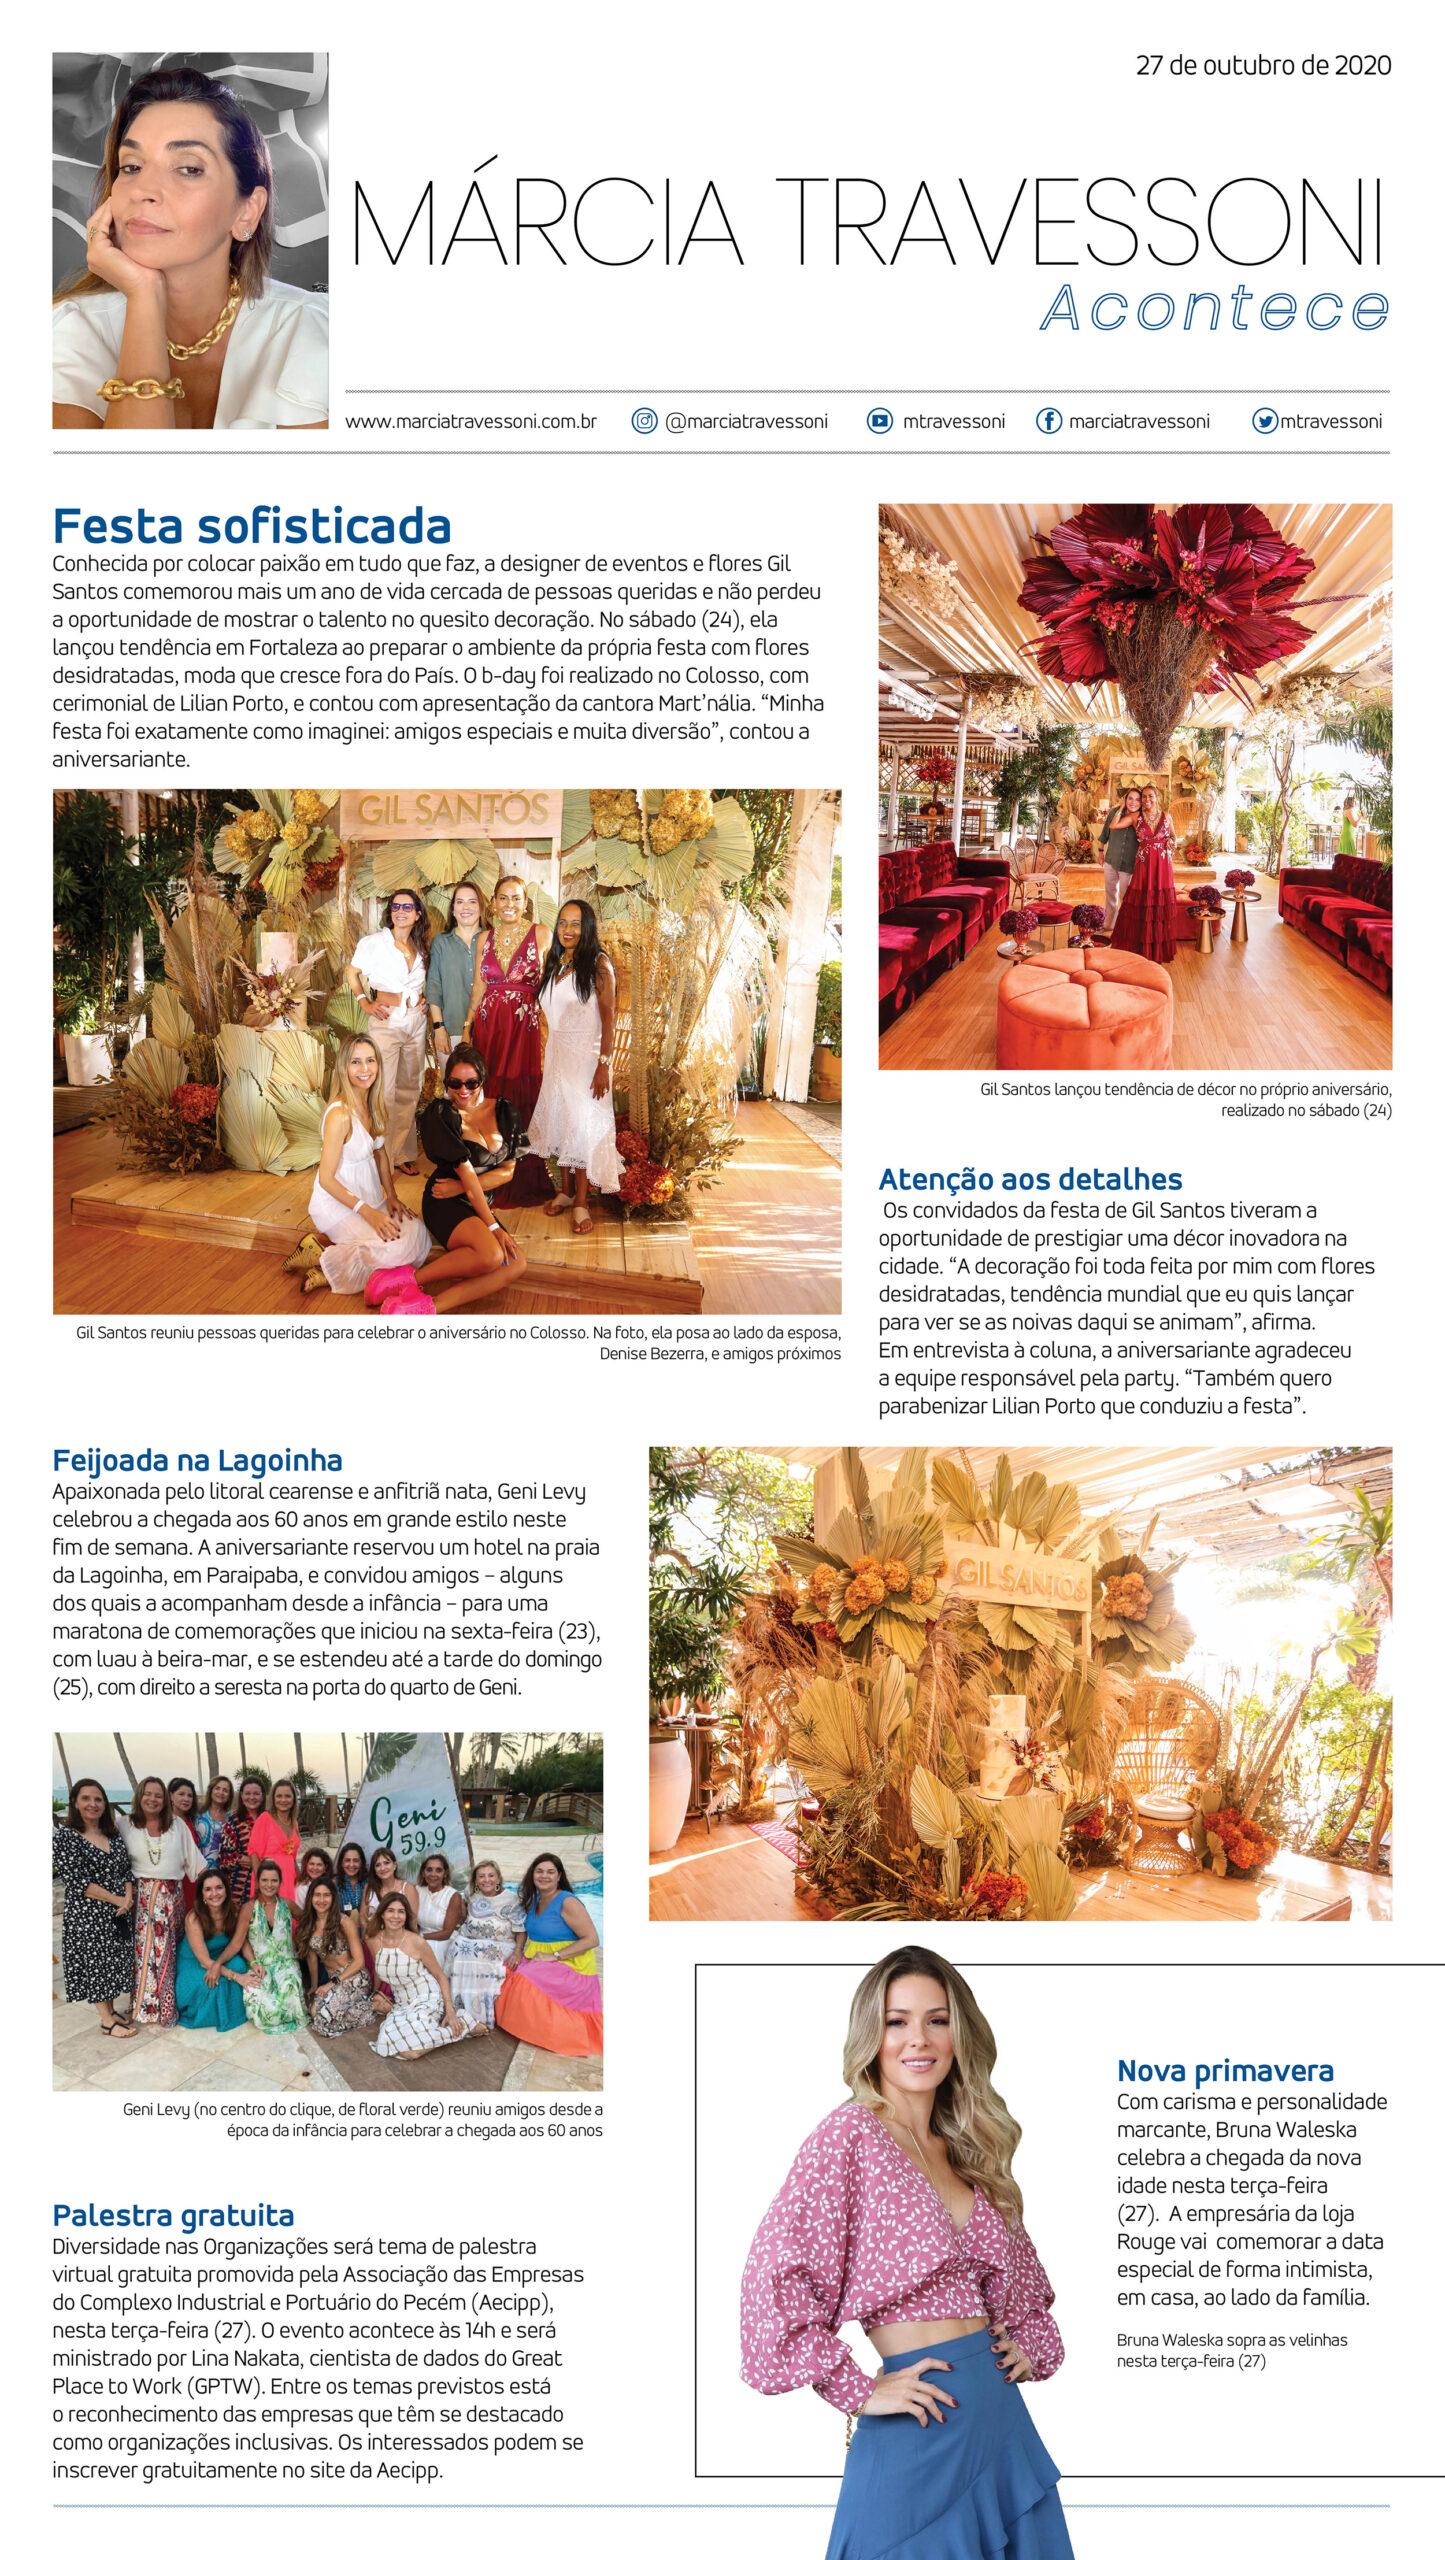 COLUNA-MÁRCIA-TRAVESSONI-ACONTECE-27.10-para-site